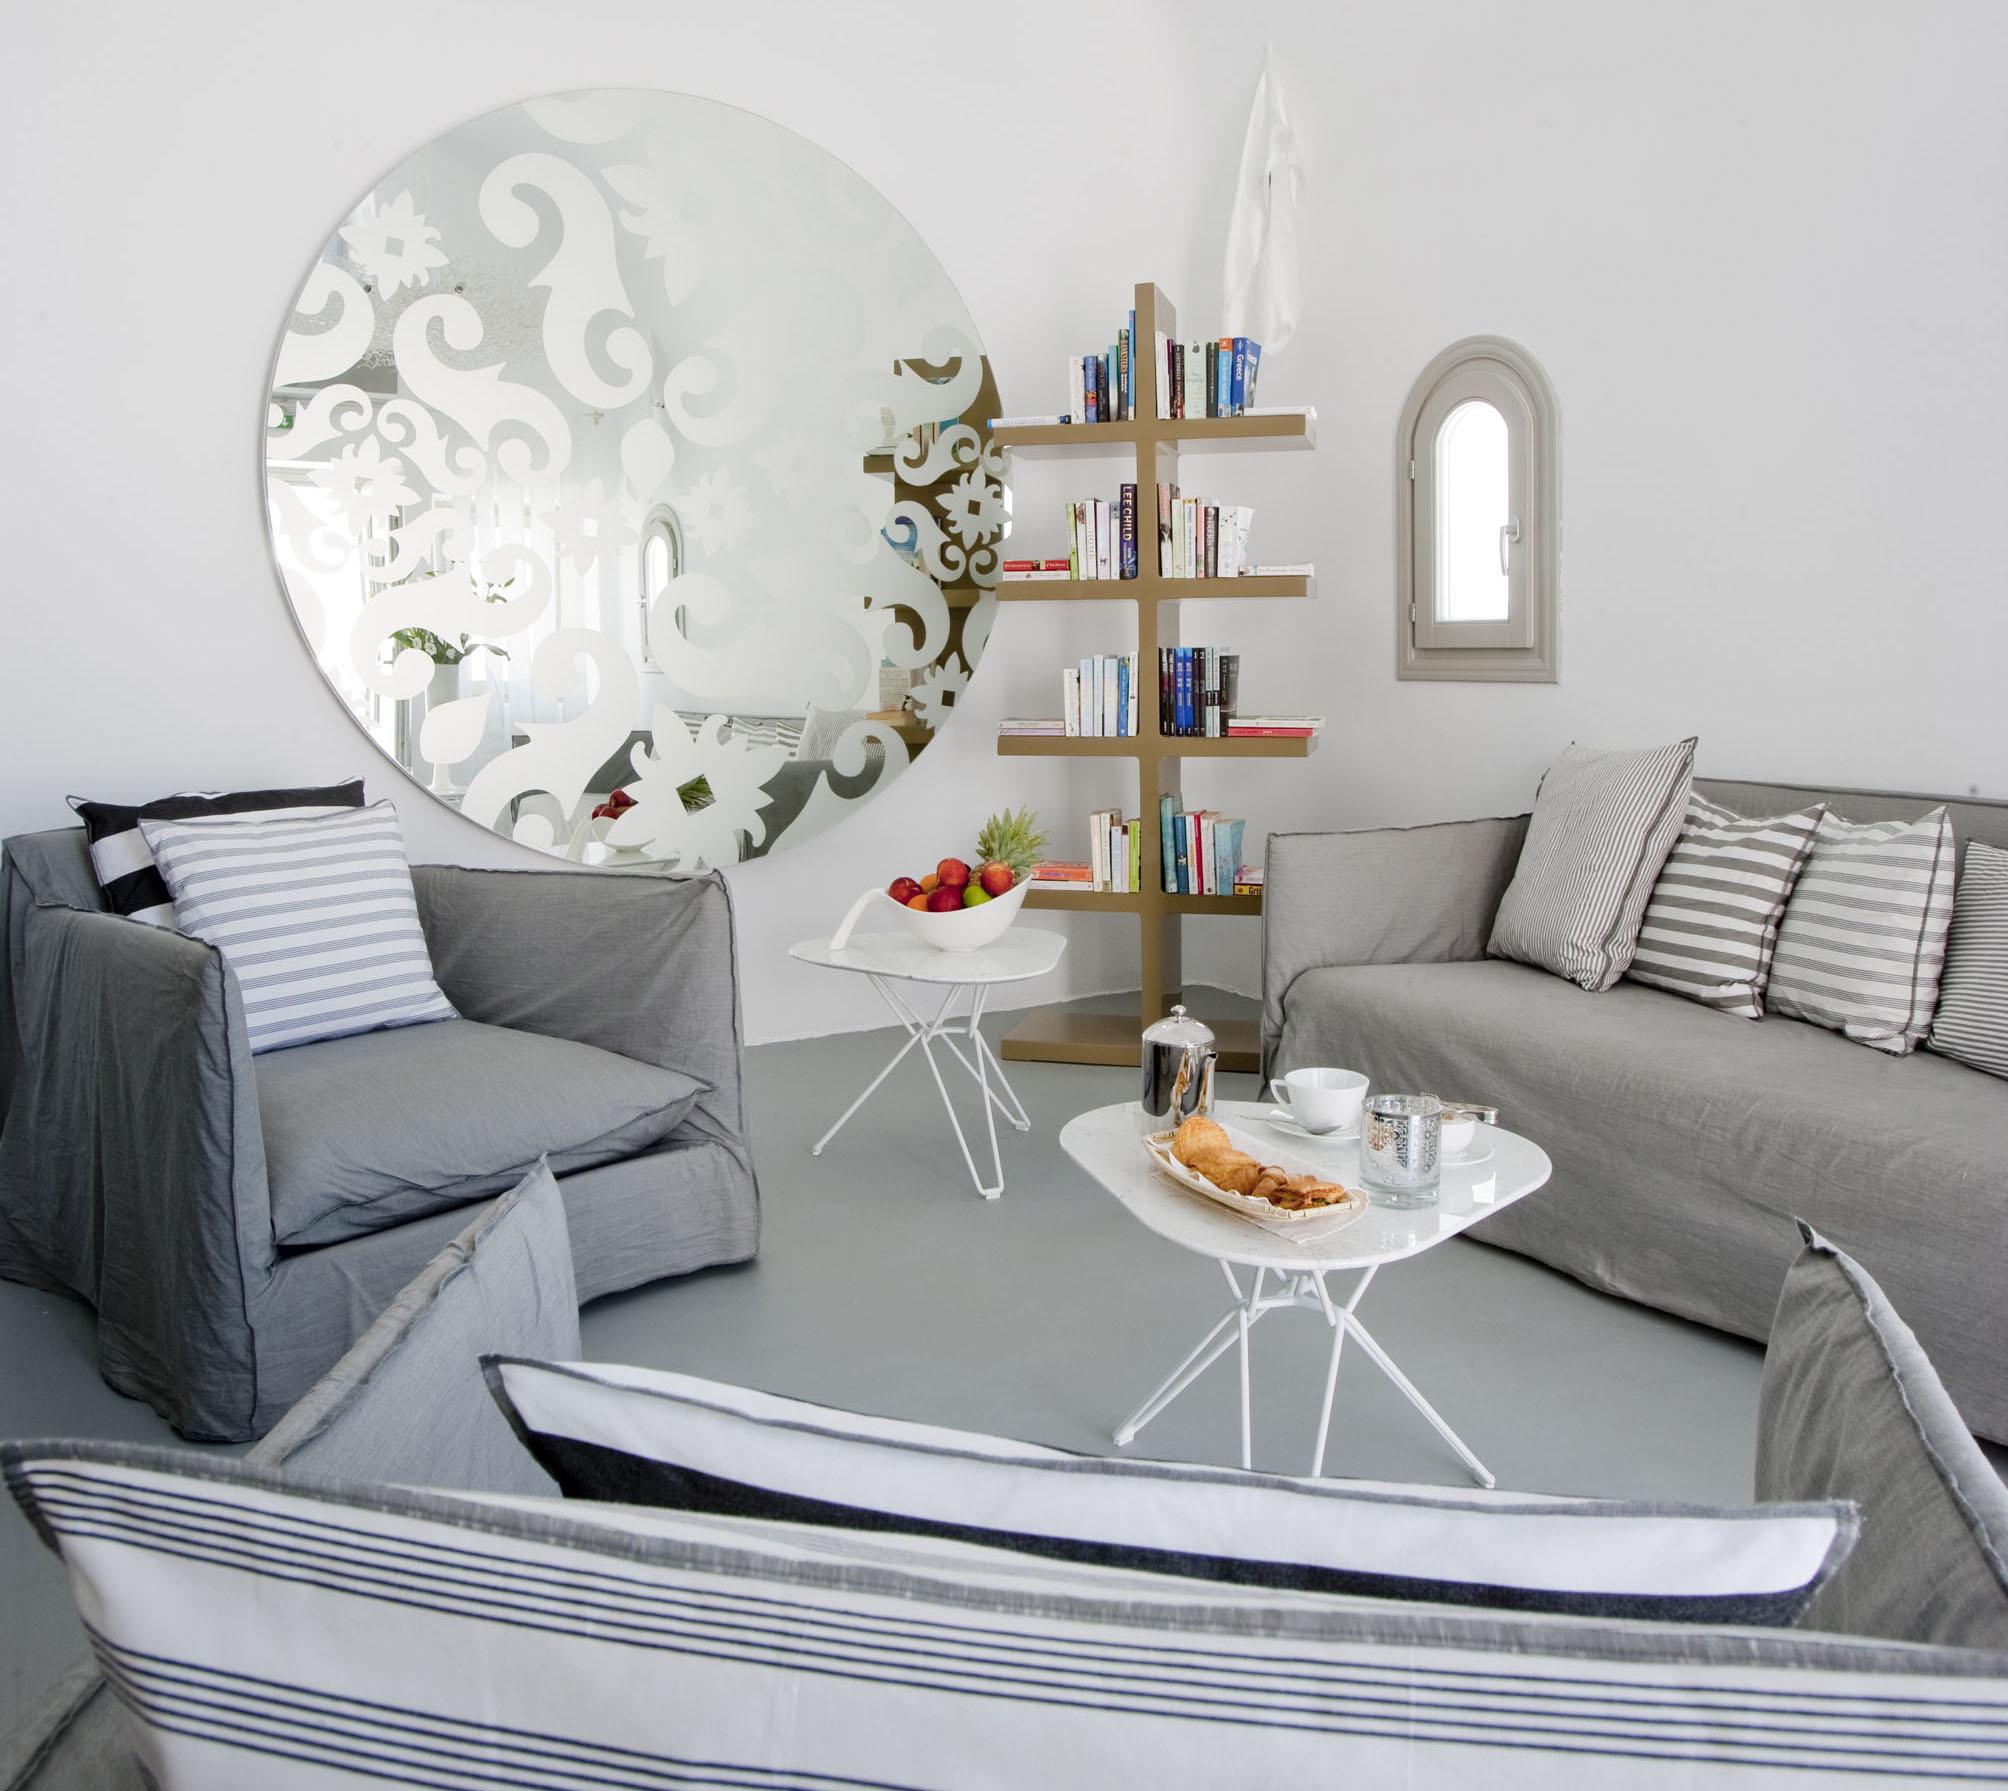 Como ampliar un espacio sin reformas casa y mantel - Espejos para apartamentos ...